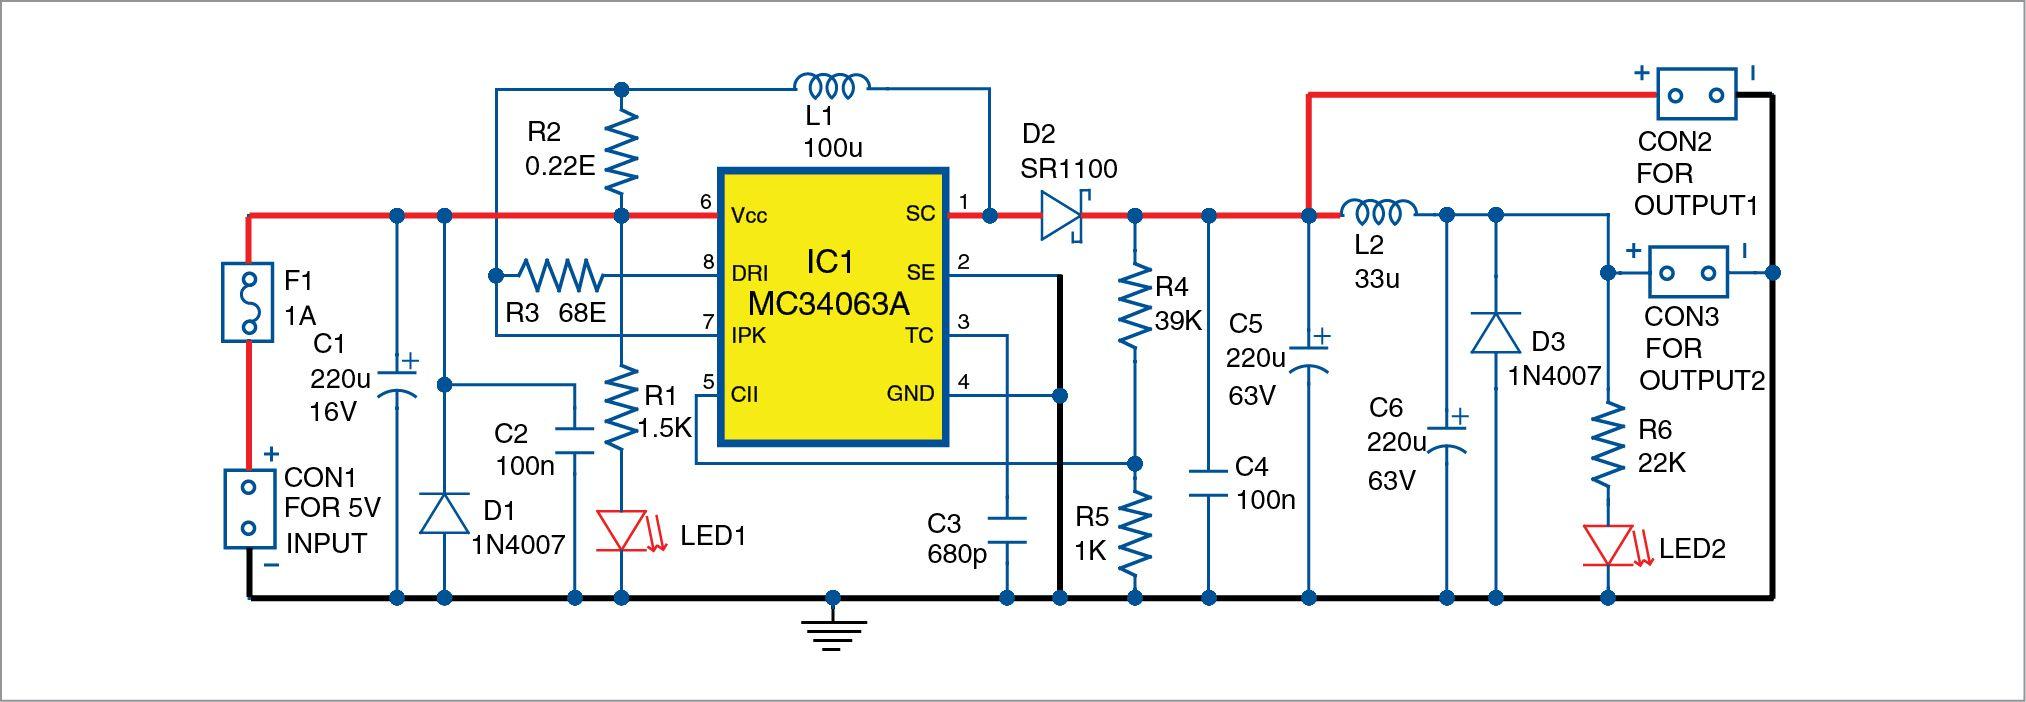 5v To 48v Dc Converter For Phantom Power Supplies Full Diy Project Phantom Power Power Supply Circuit Power Supply